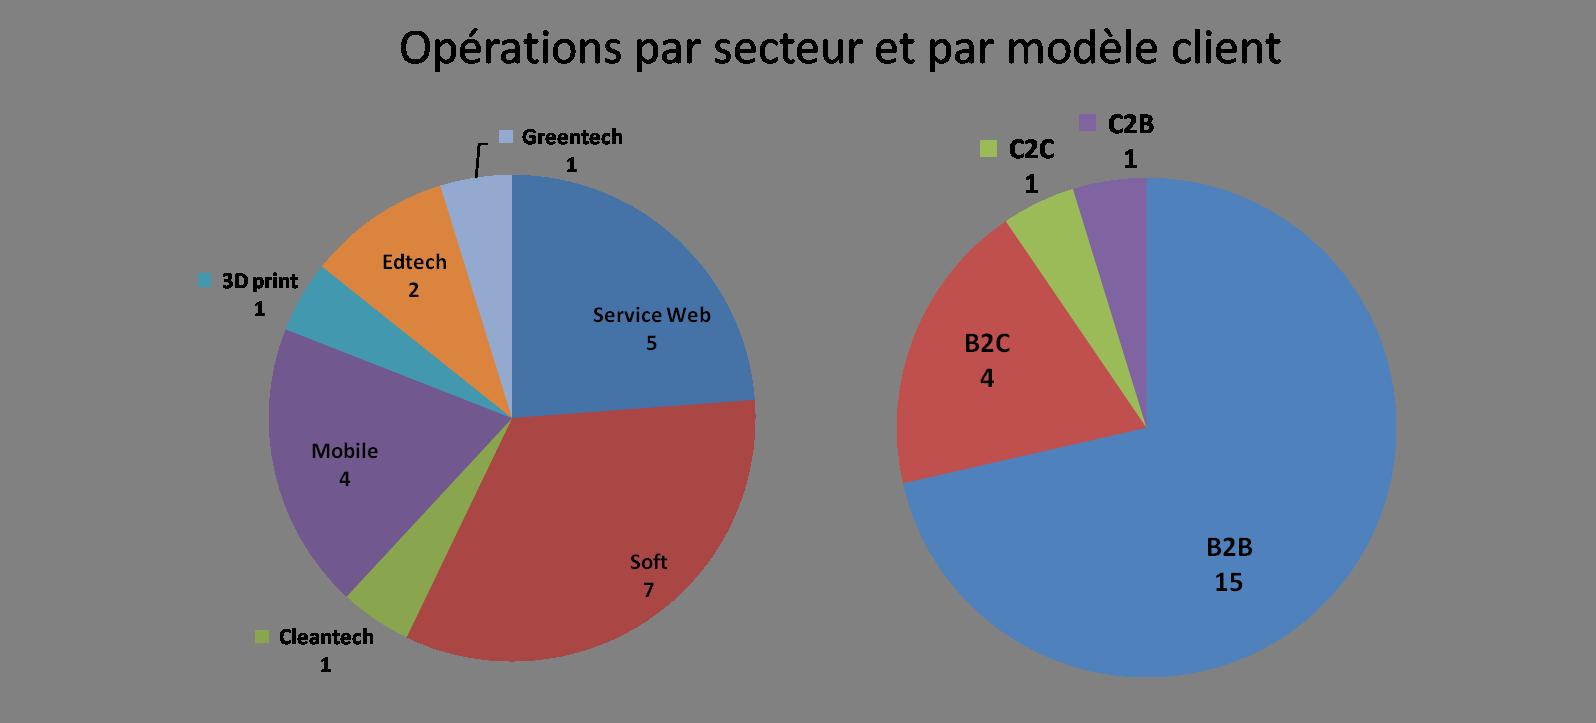 opérations par secteur et modele client décembre 2014